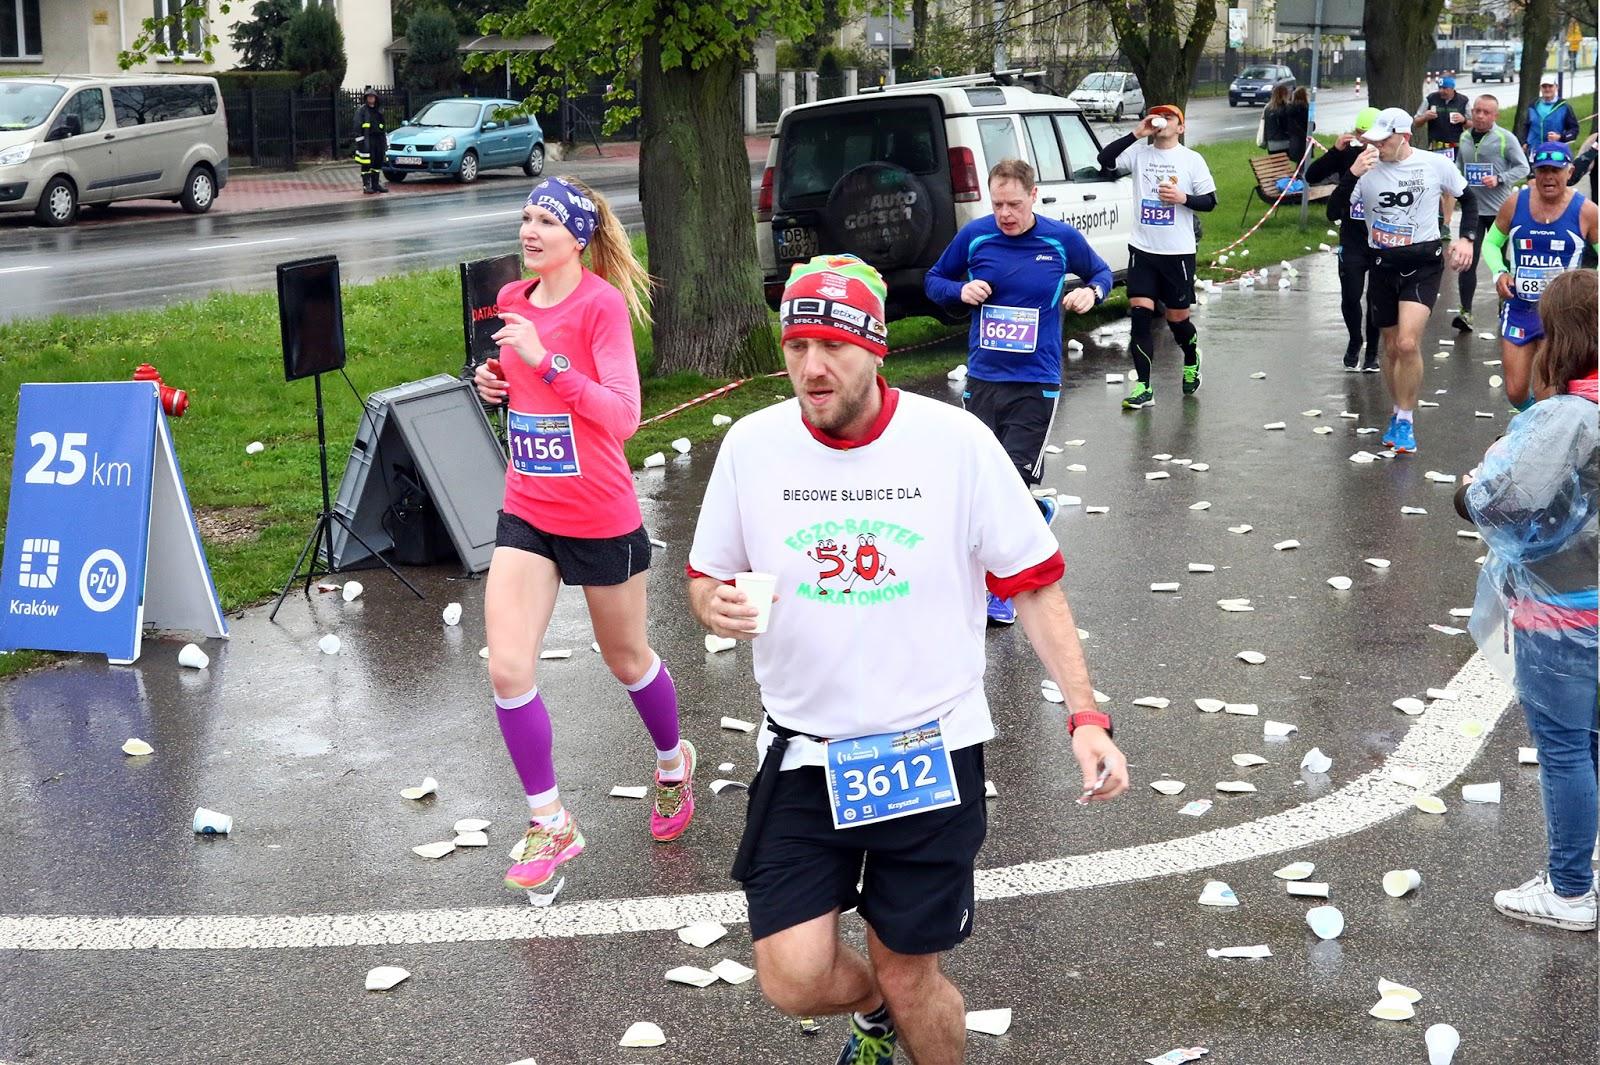 25 km maraton błonia